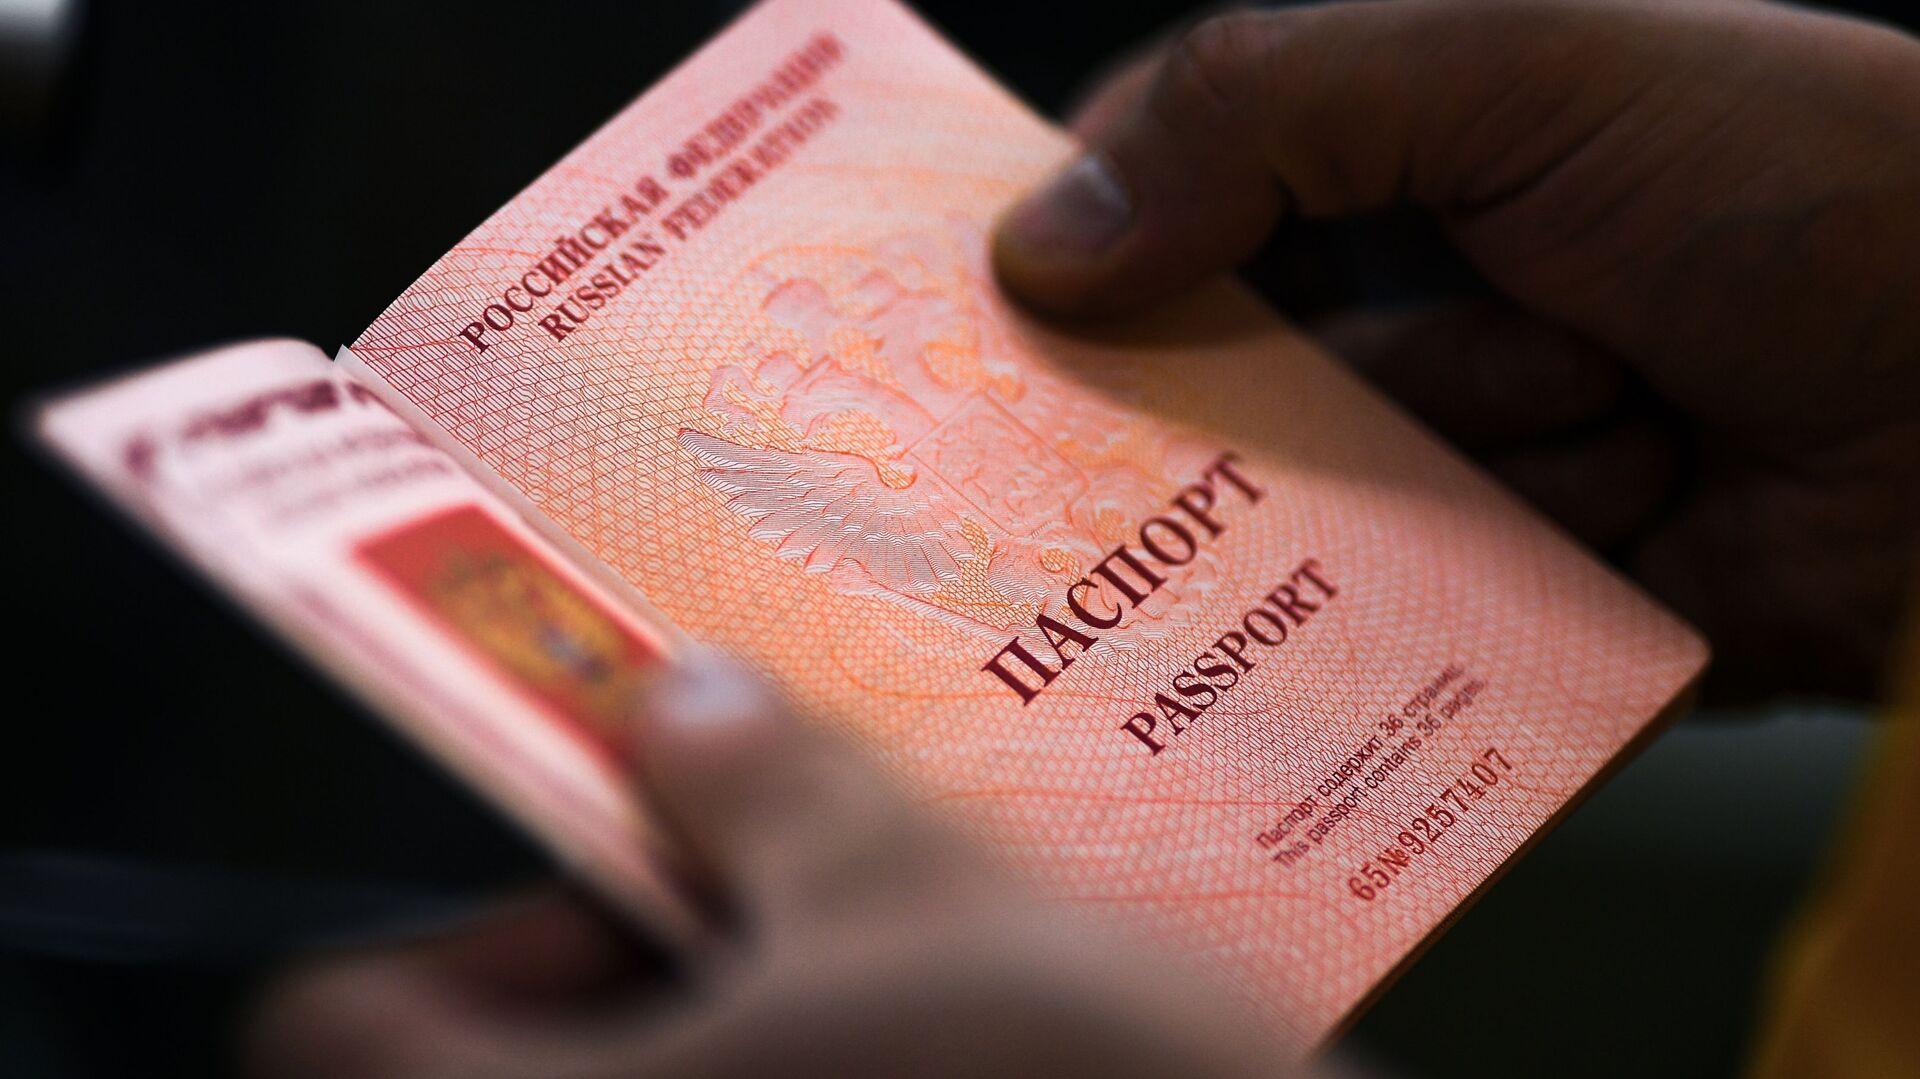 Сотрудник с паспортом РФ в руках на фабрике АО Гознак в Москве - РИА Новости, 1920, 10.09.2021